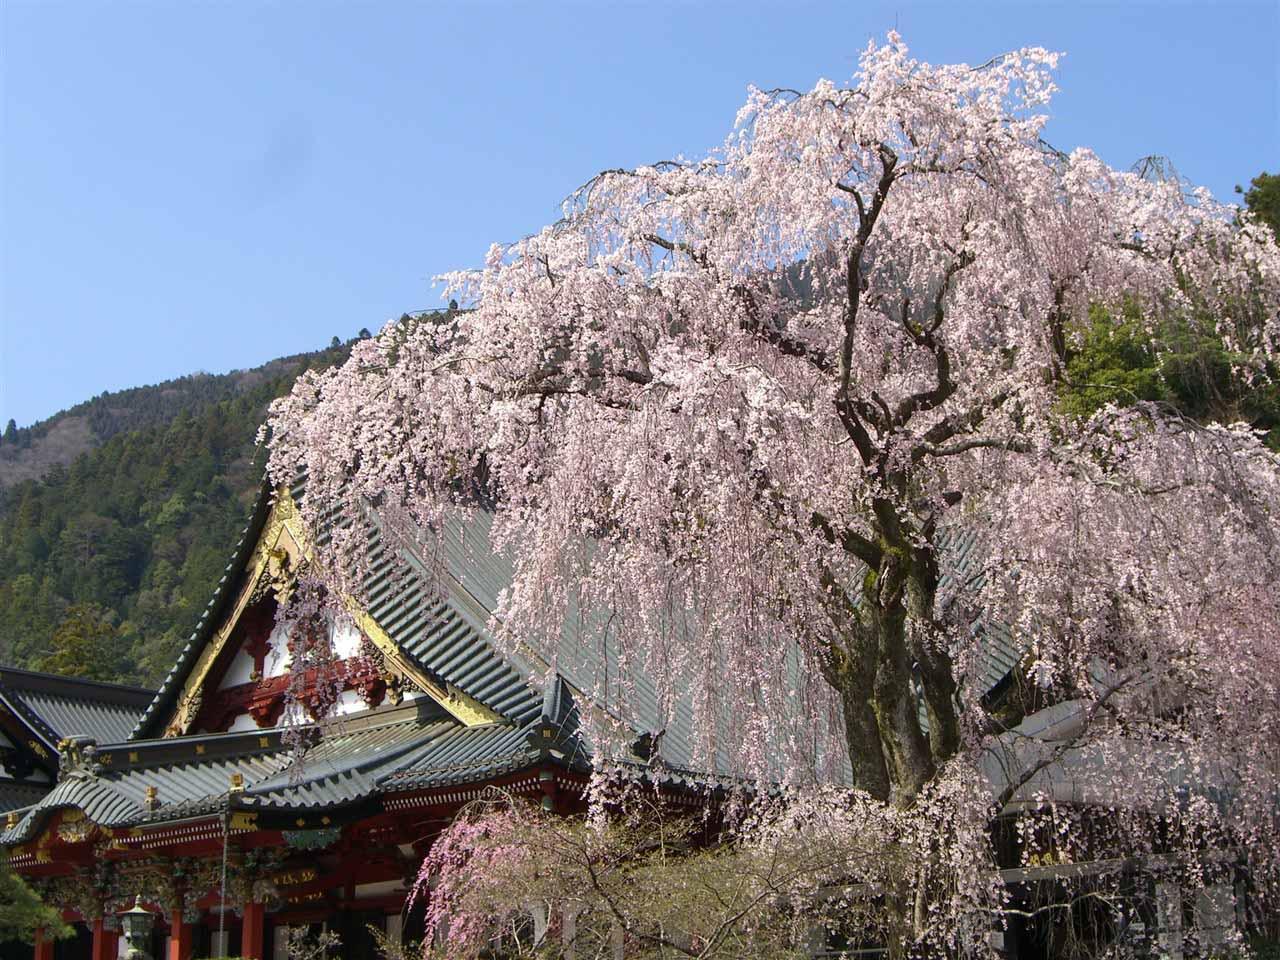 日本賞櫻-久遠寺